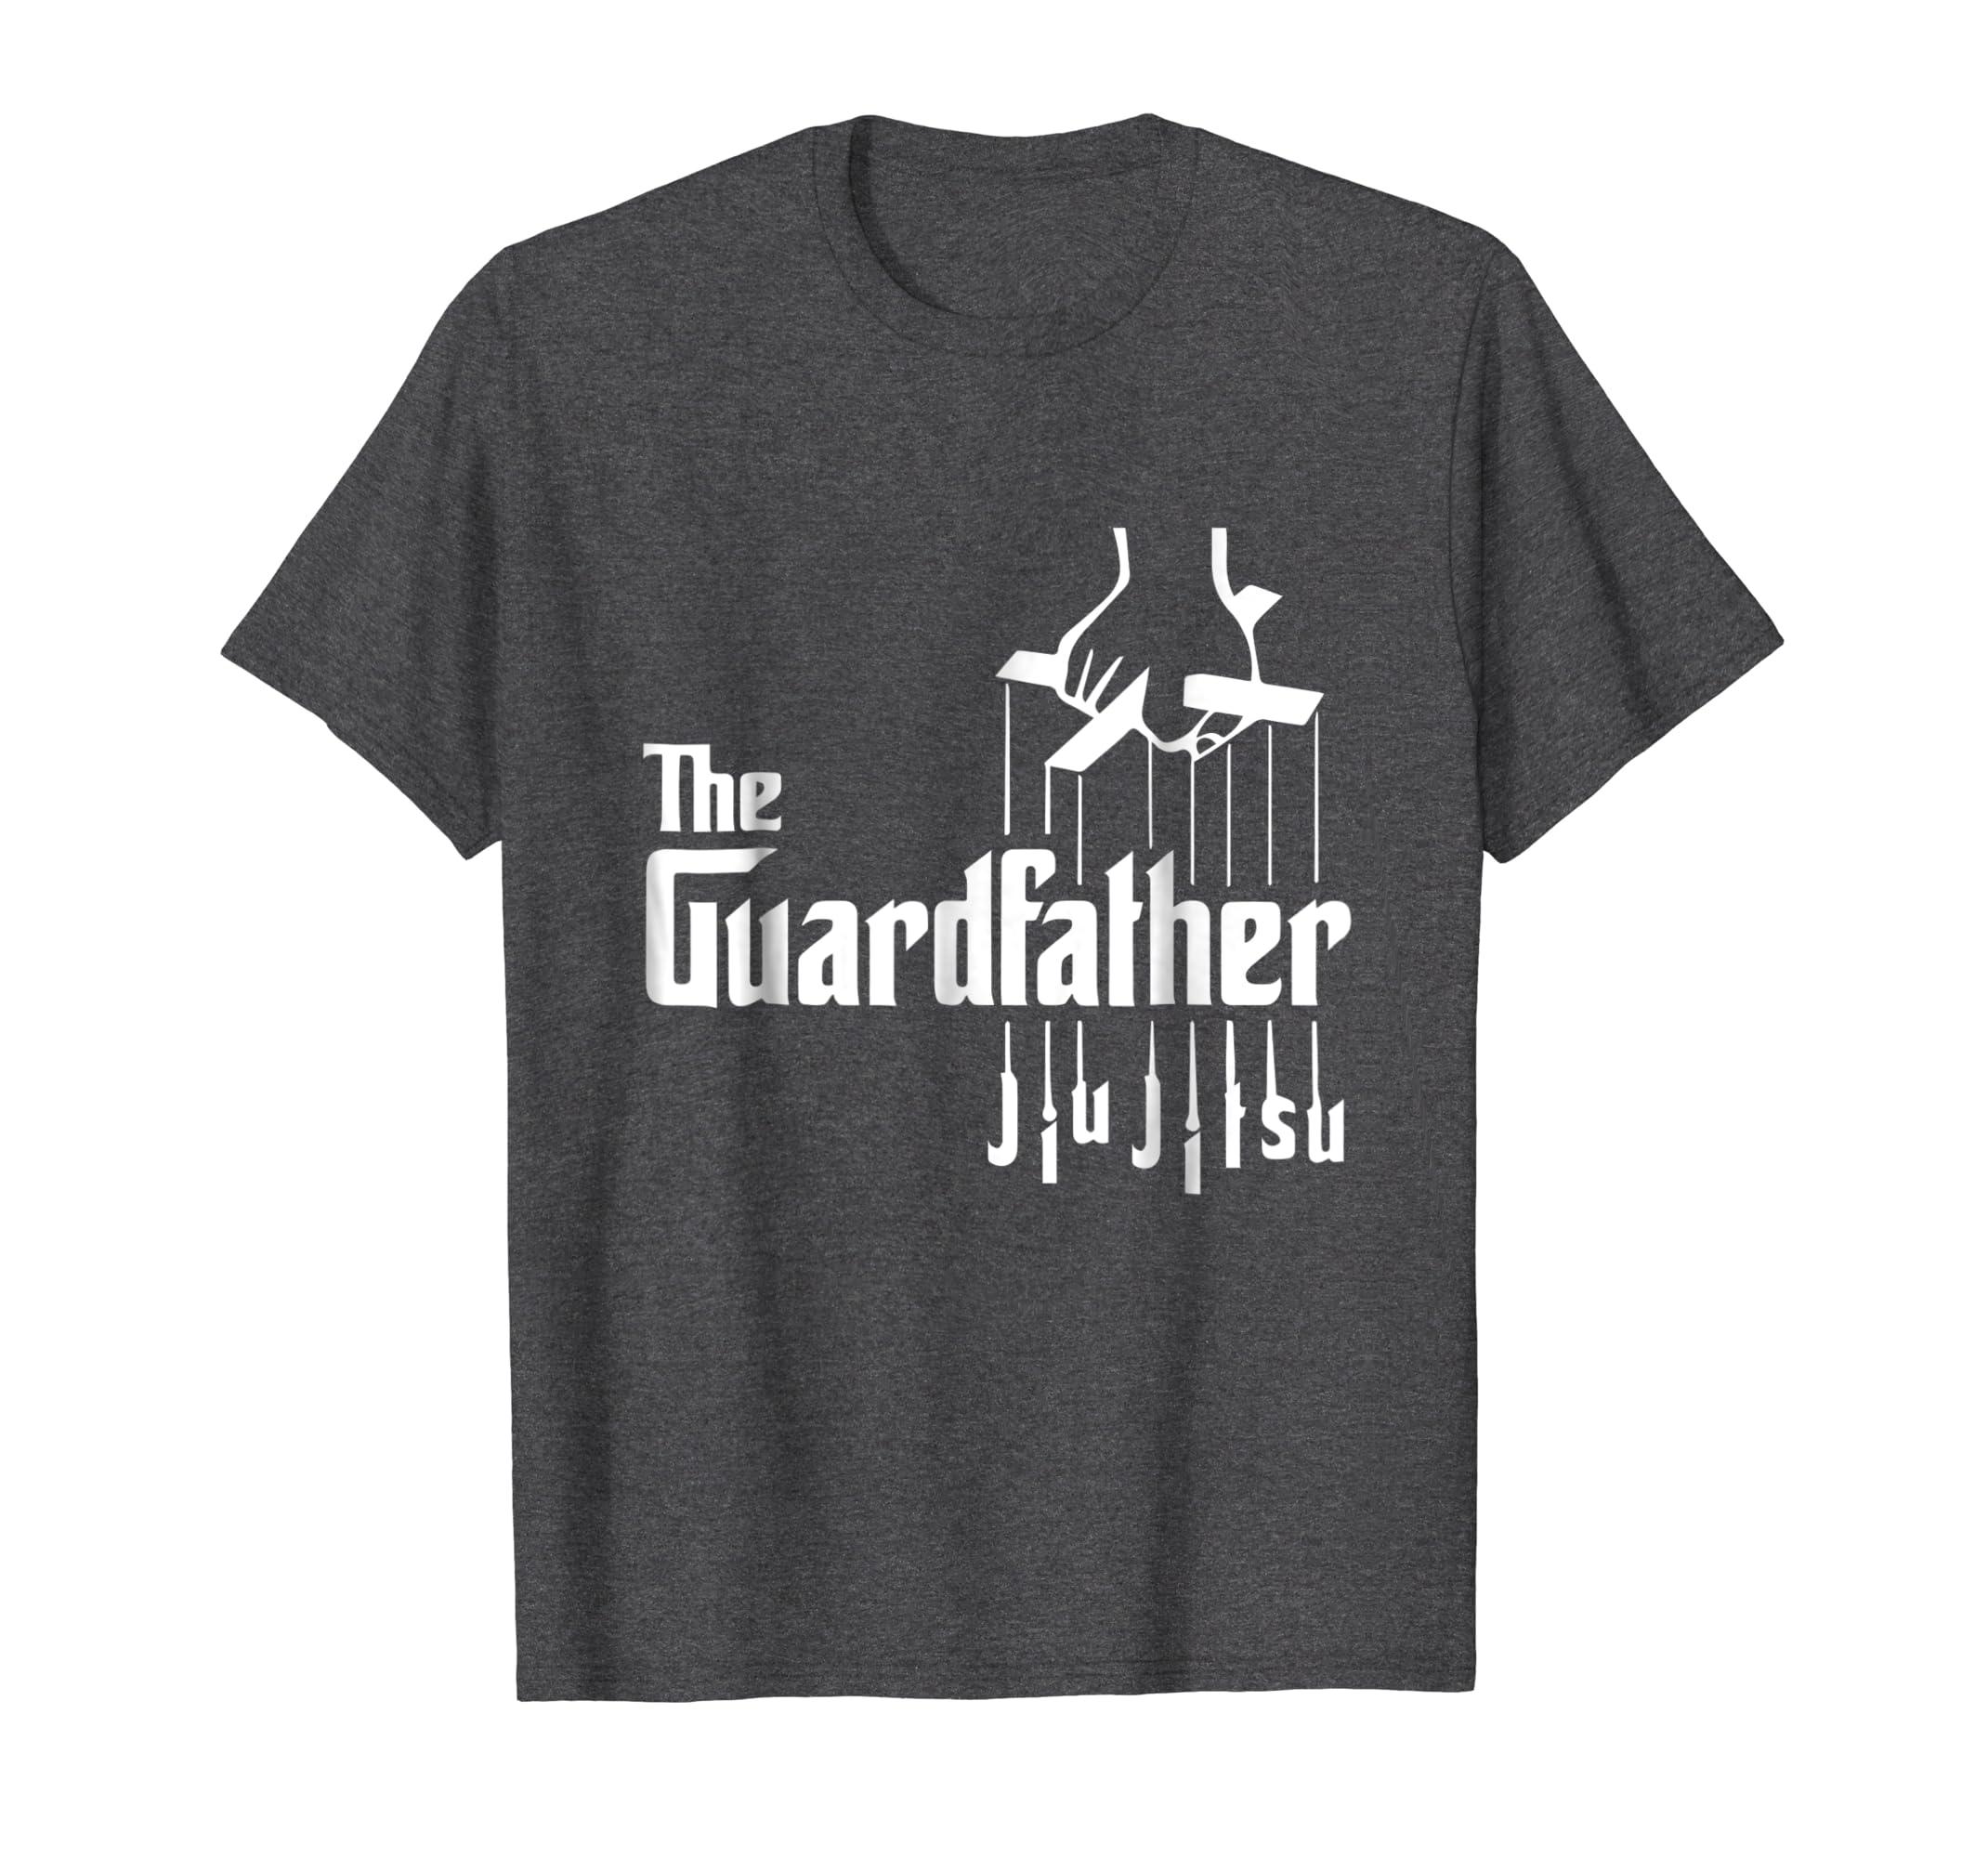 ed92482b Amazon.com: The Guardfather Funny Jiu Jitsu T-Shirt For Men & Boys: Clothing